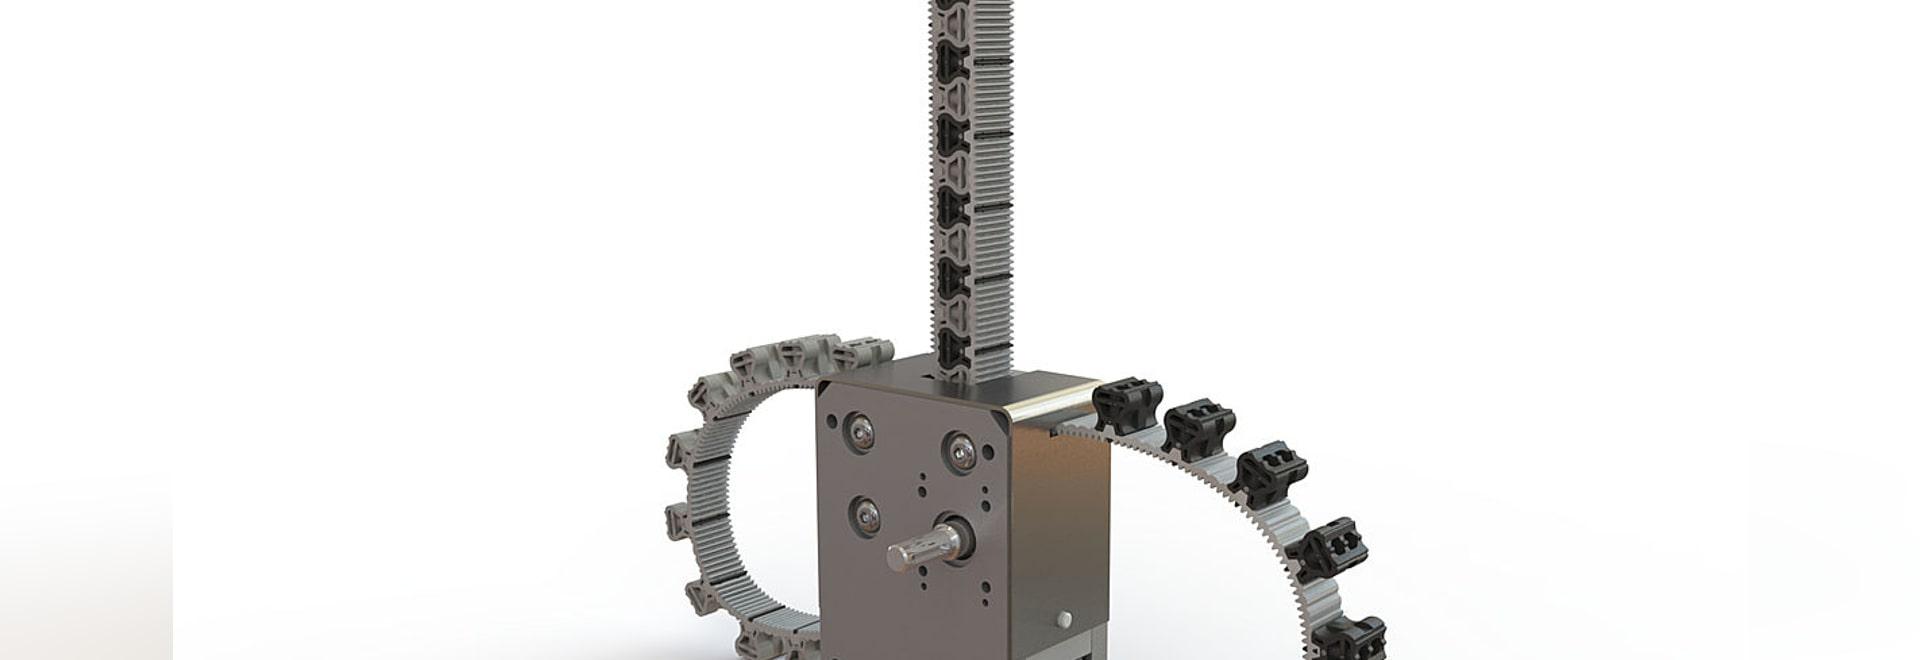 mechanischer Aktuator amagnetische Rigibelt